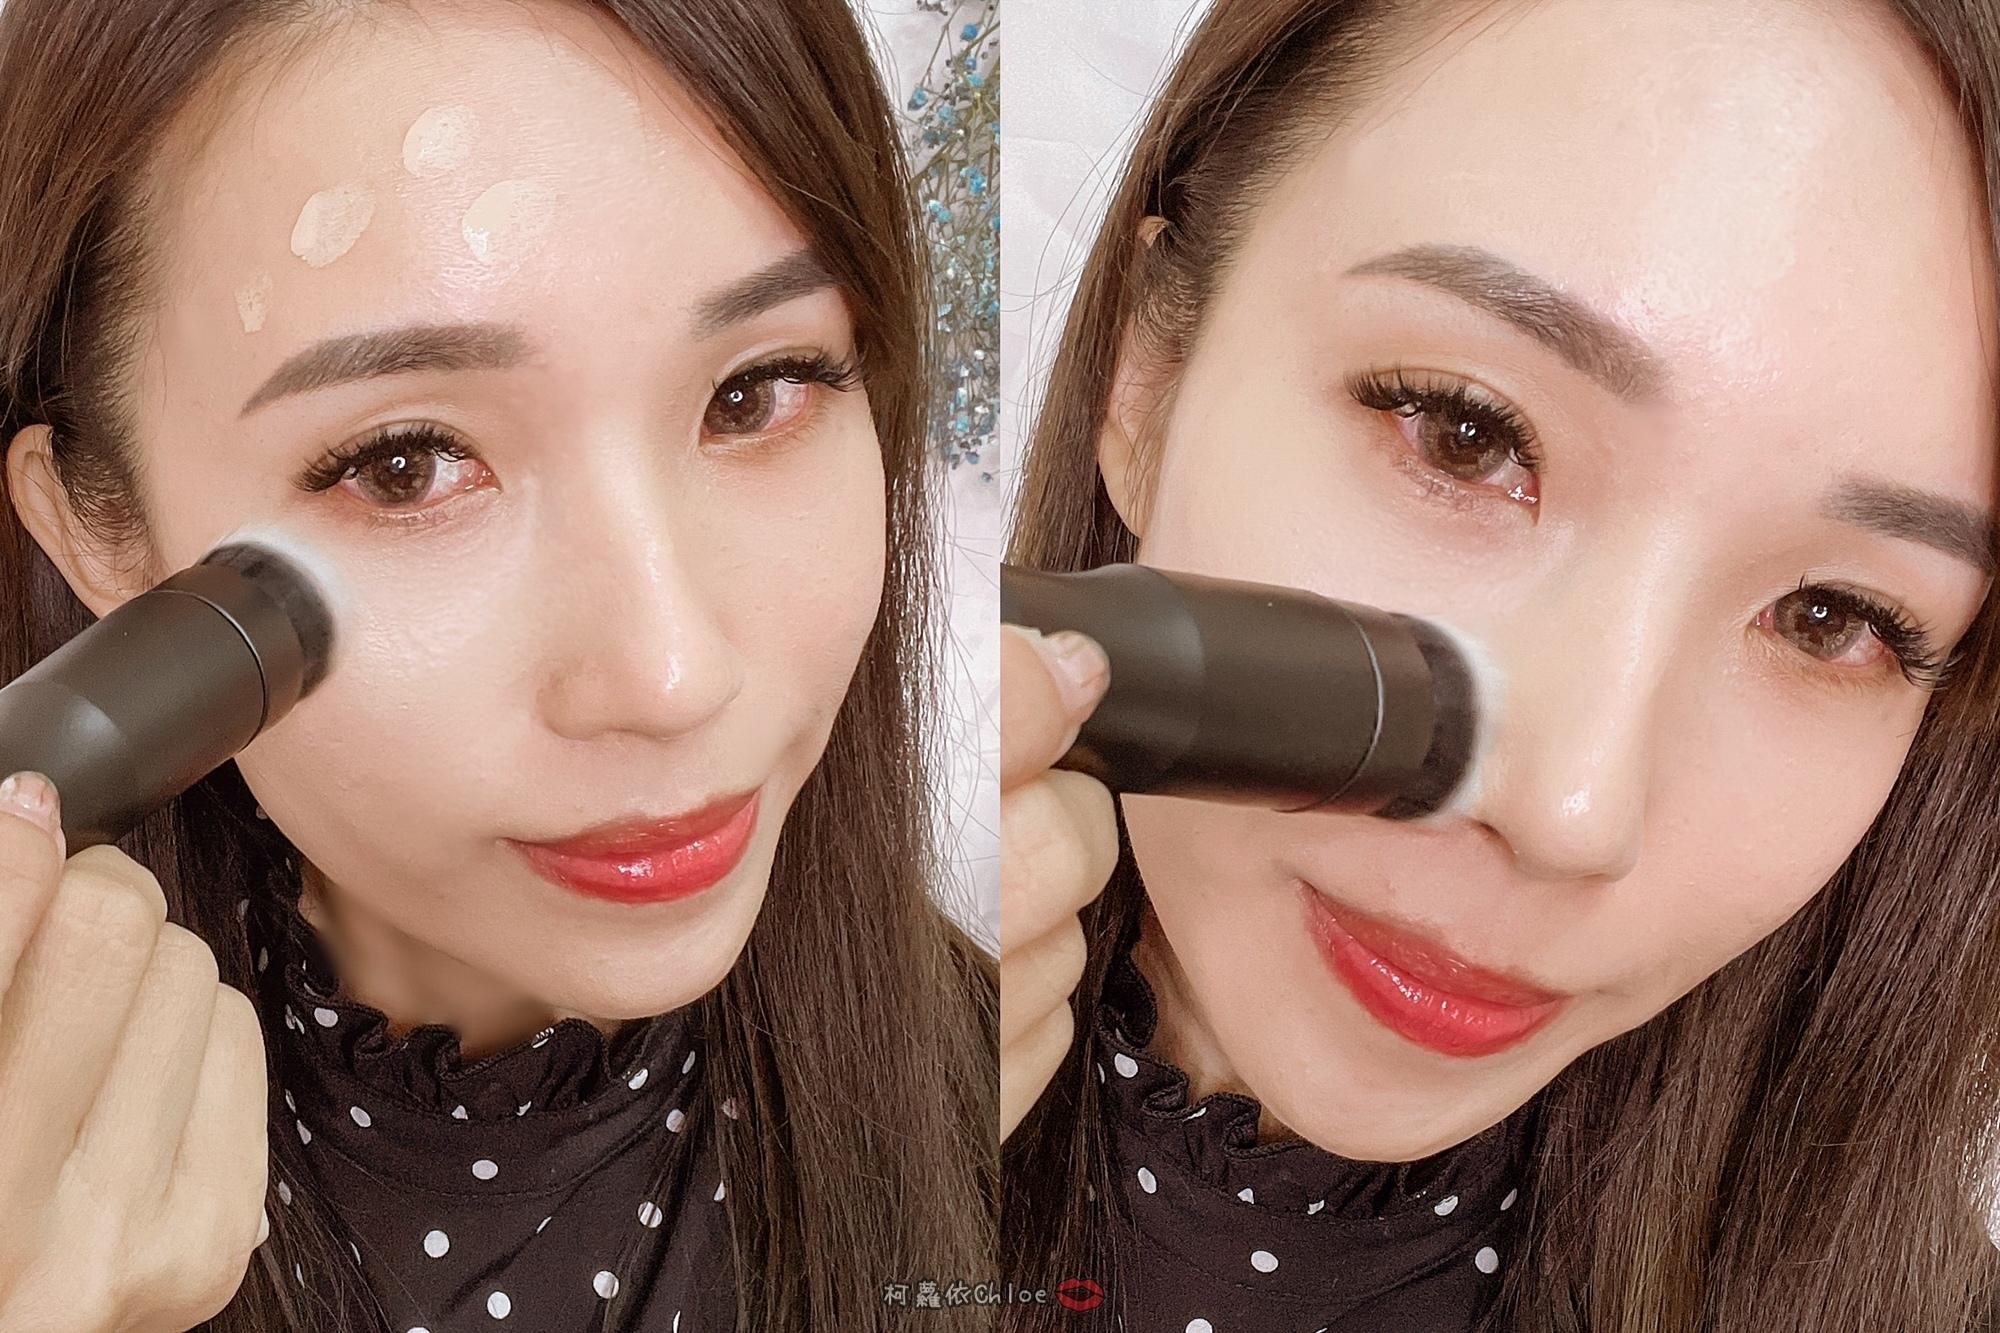 彩妝工具推薦 blendSMART電動化妝刷 達人套裝開箱 上妝輕柔更有效率19.jpg